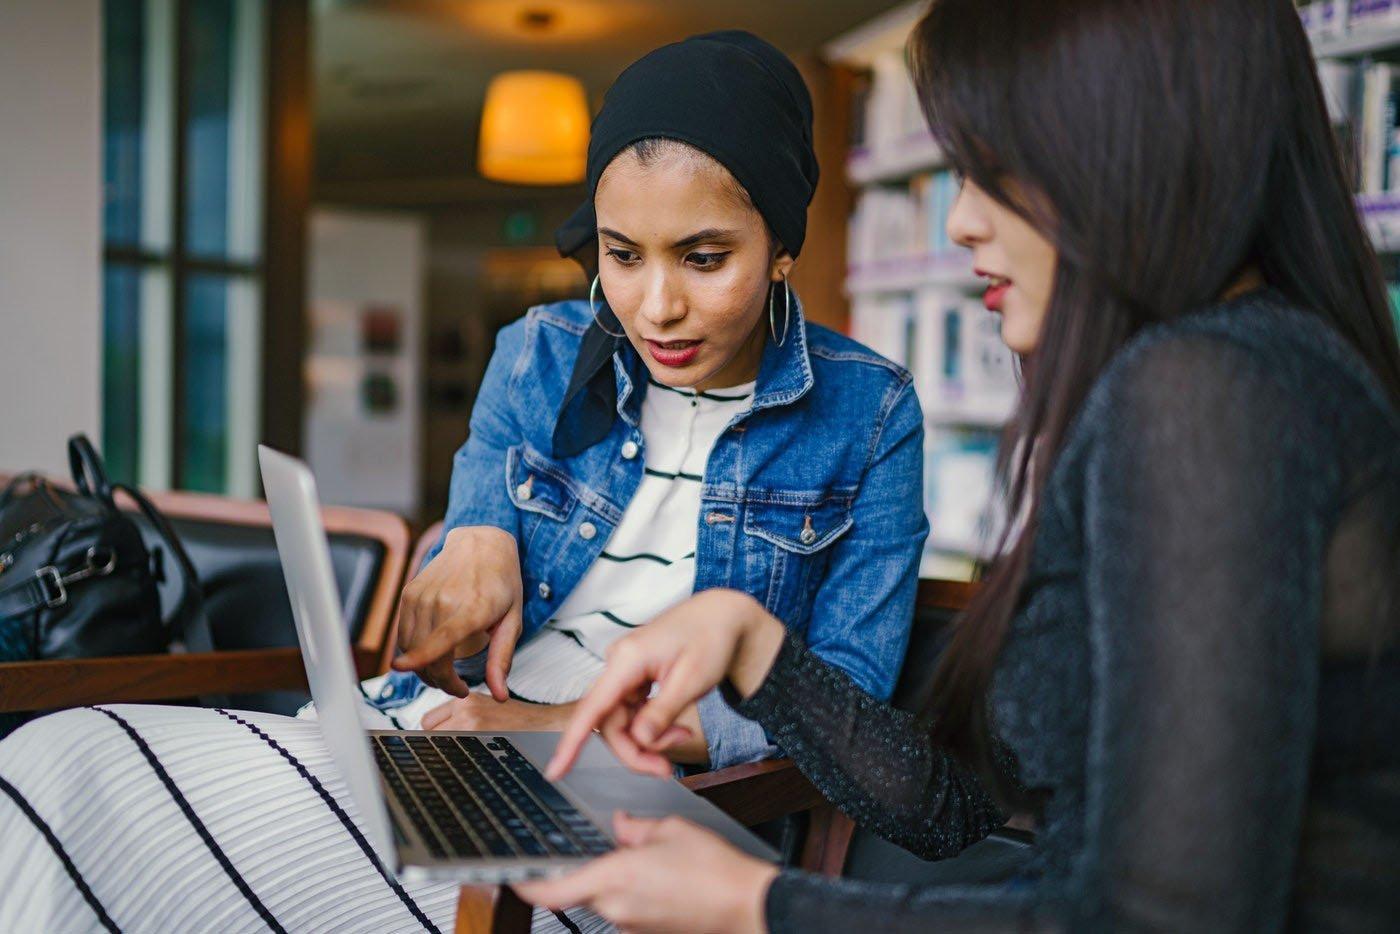 kvinner laptop